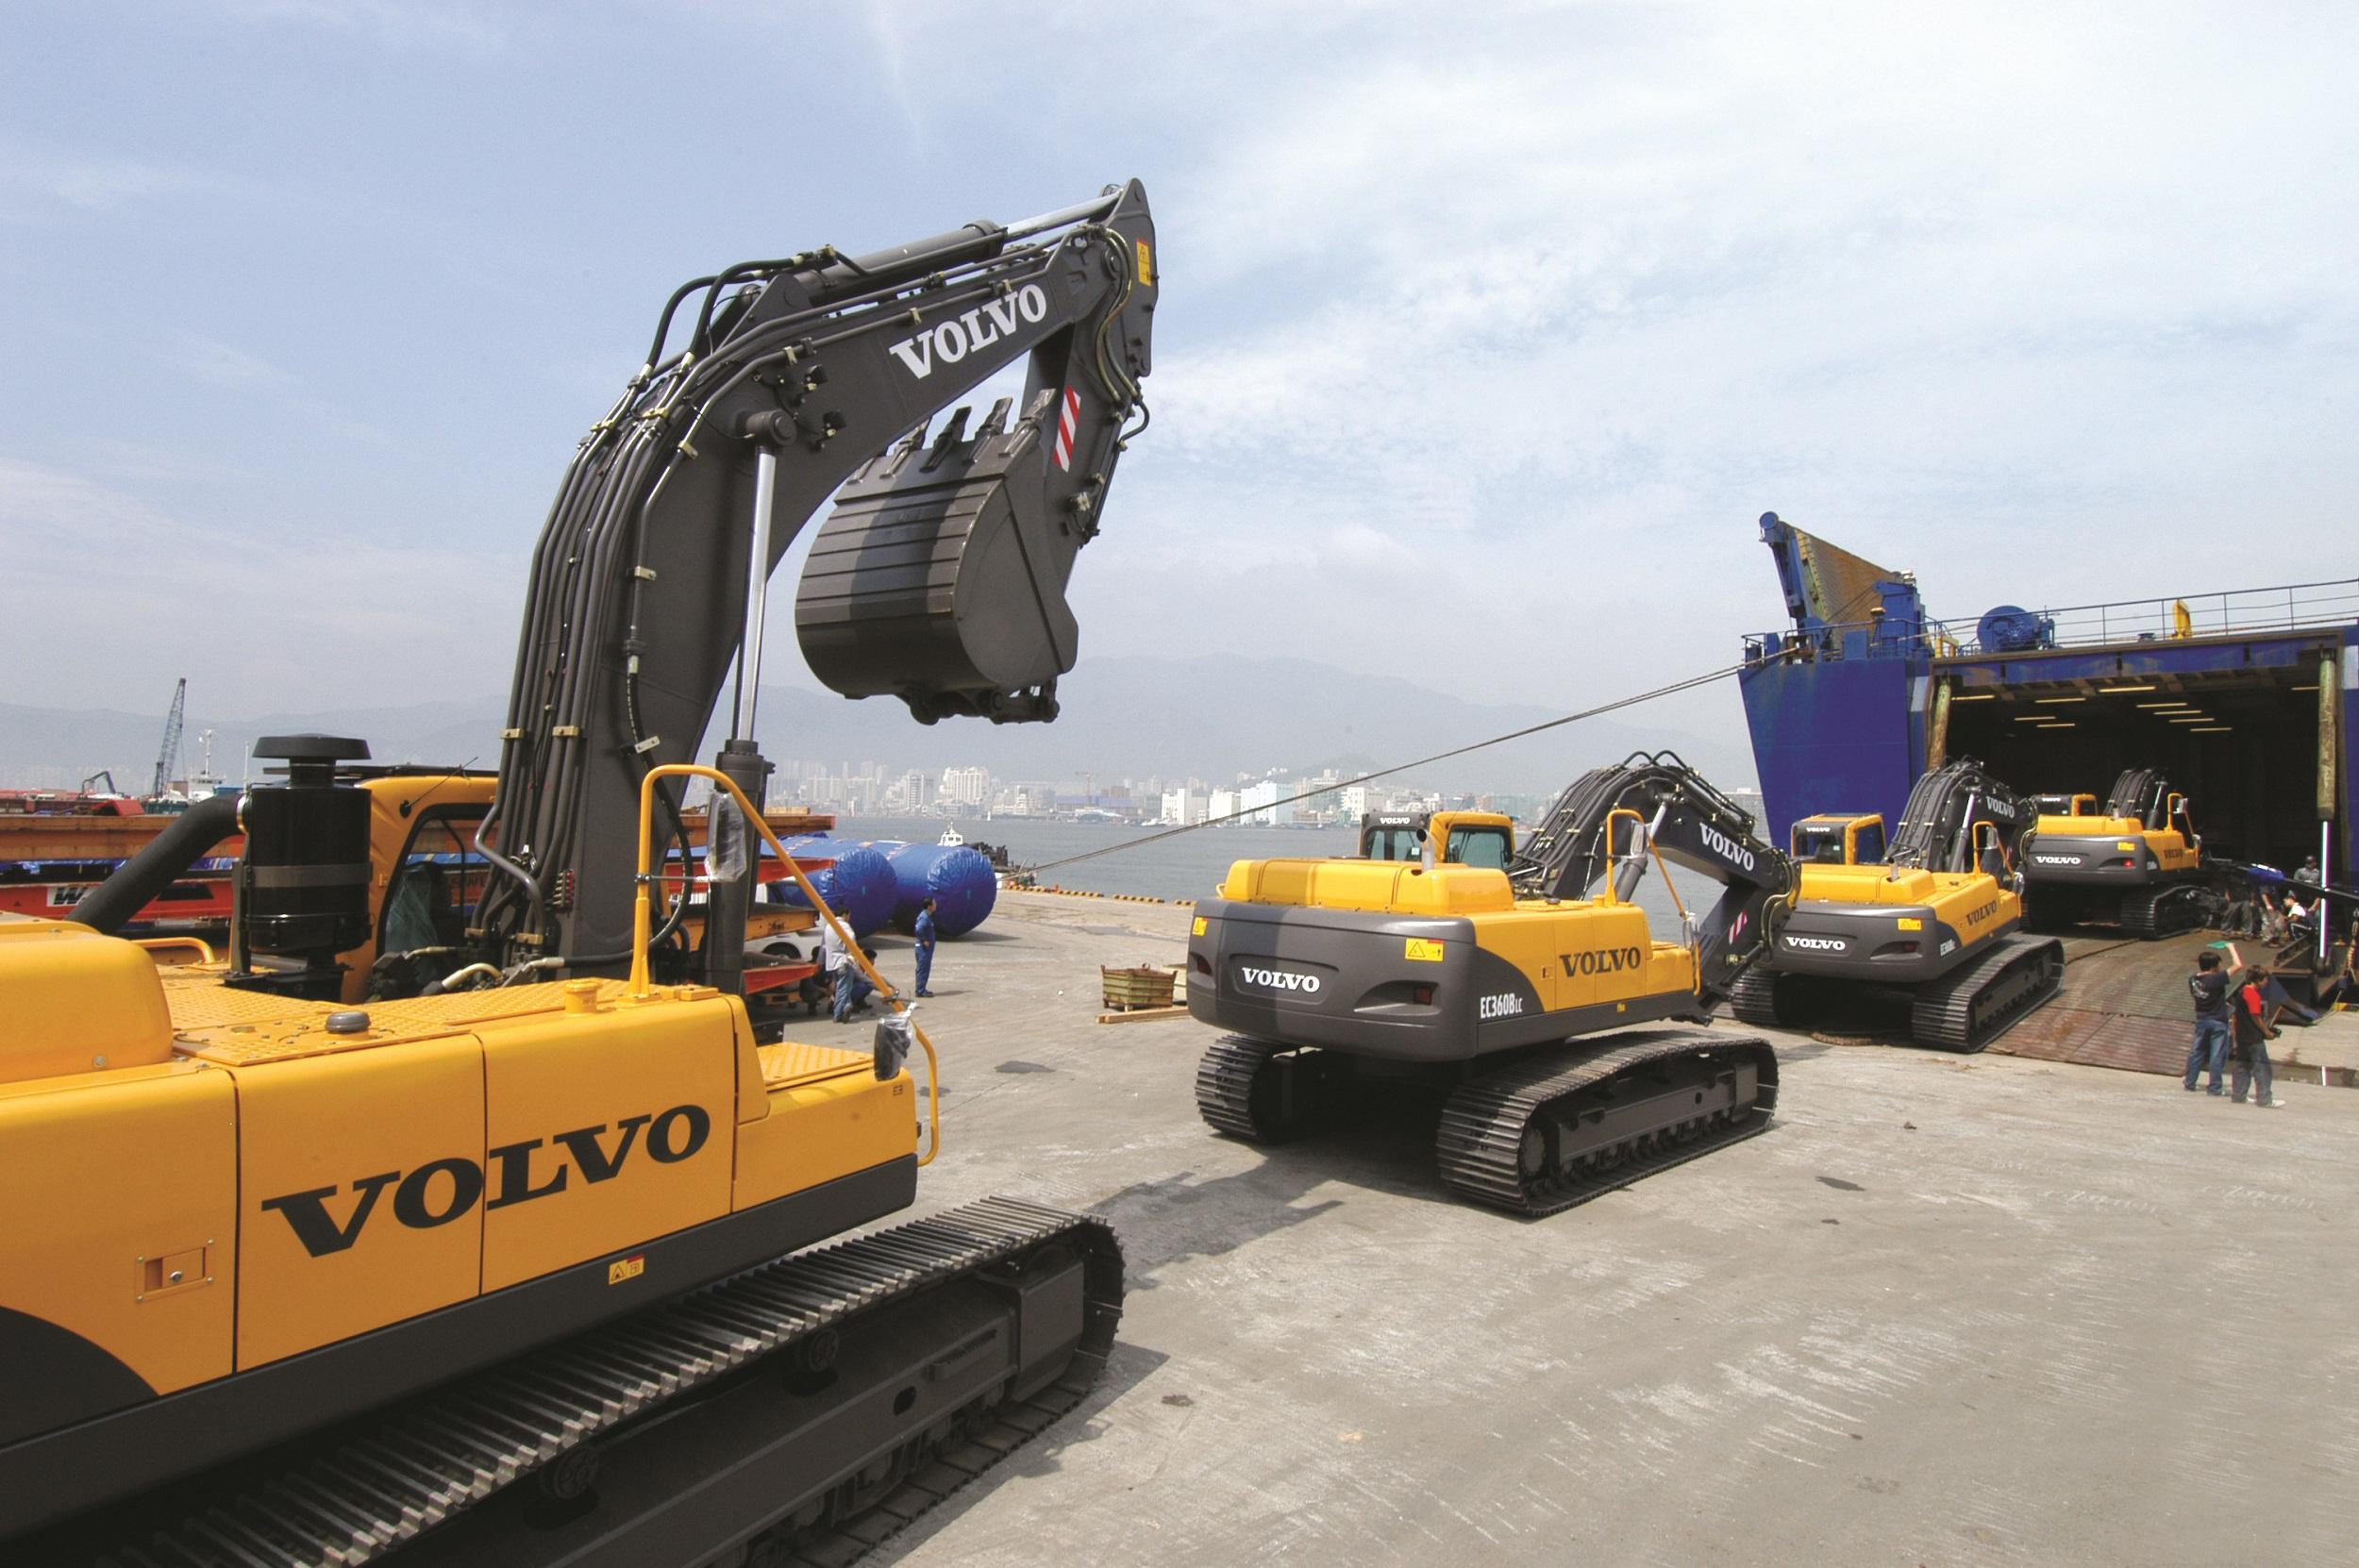 <p>Graafmachinesop transport voor deexportvanuitdeVolvo-fabriek inChangwonin Zuid-Korea.</p>